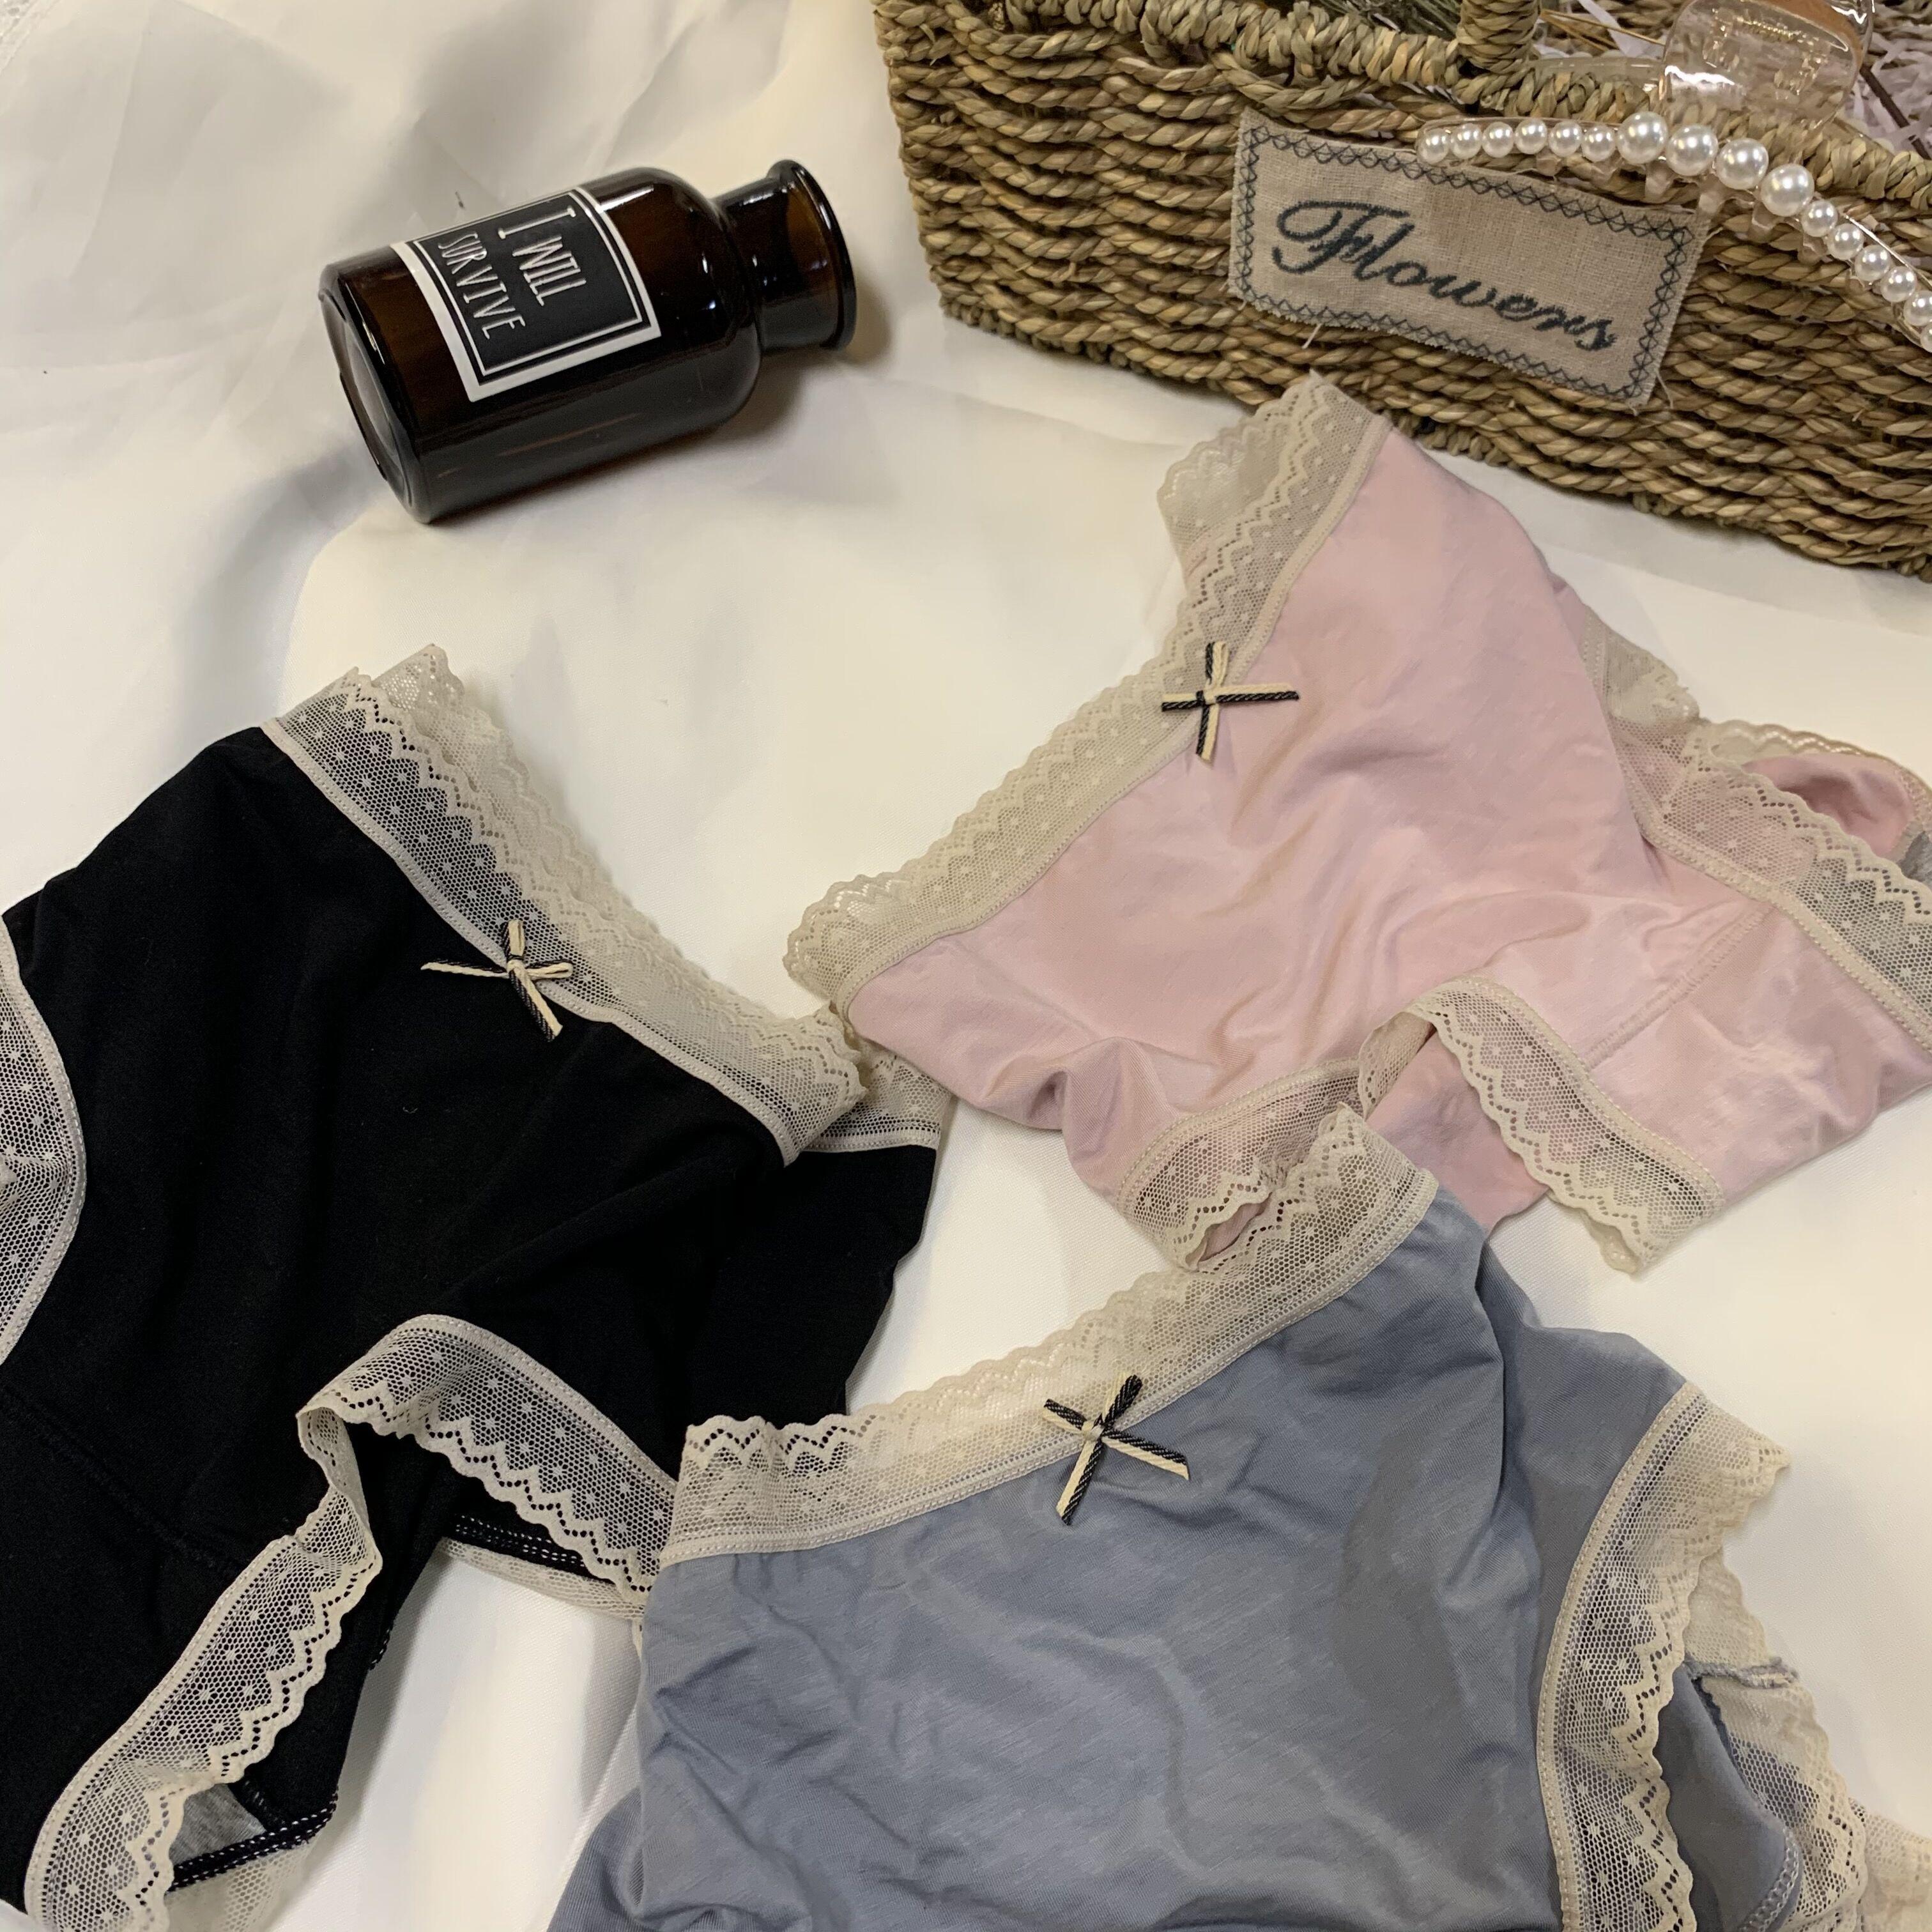 性感莫代尔内裤女士夏季薄款大码无痕石墨烯纯棉抗菌全棉蕾丝中腰